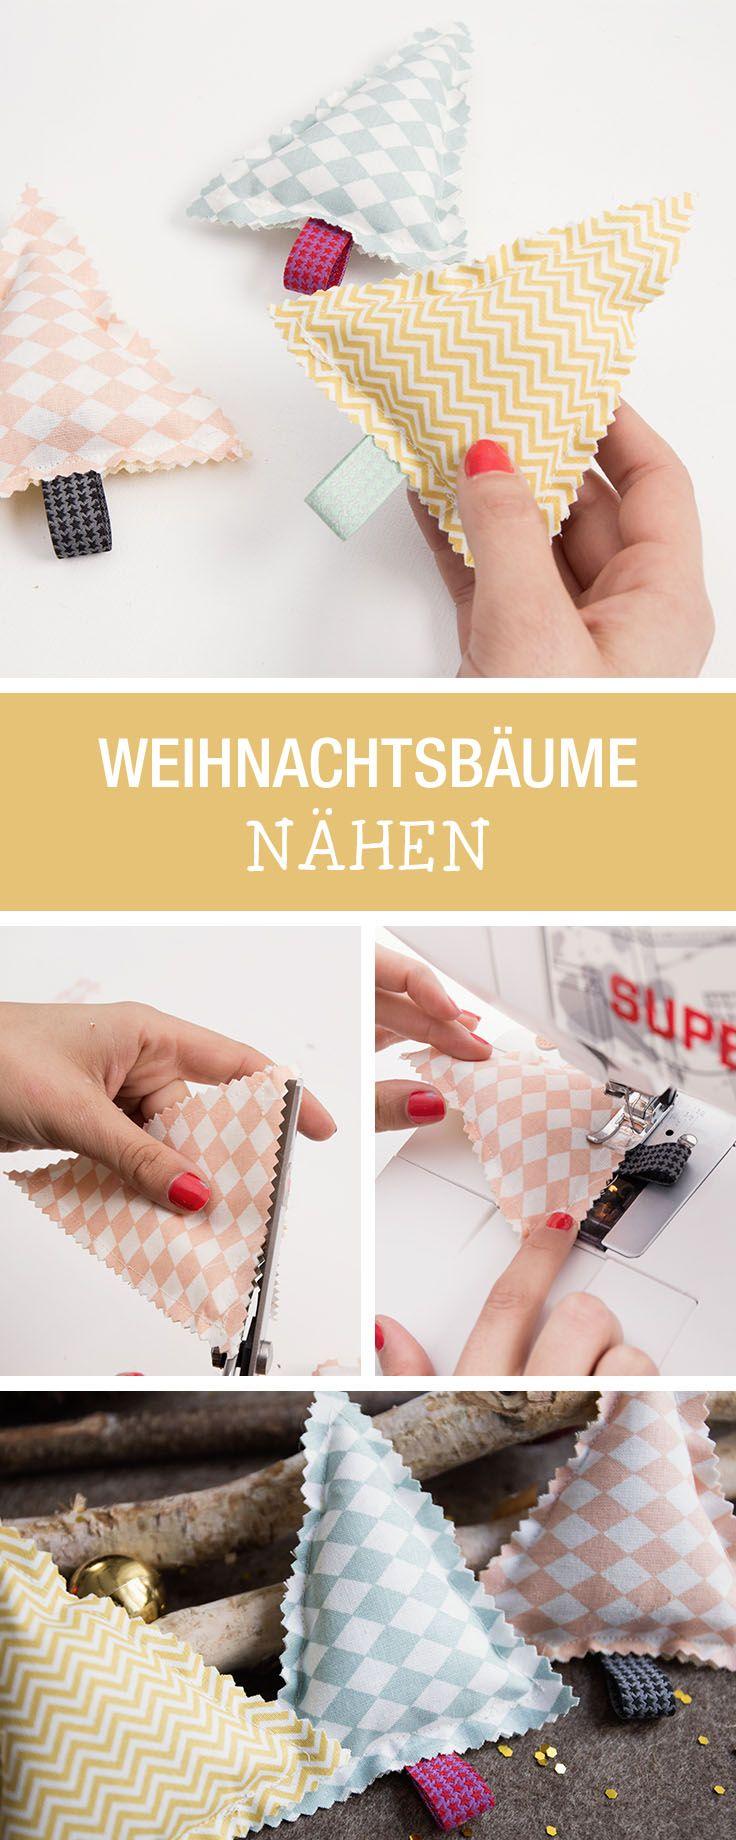 600 best ▷ DIY Nähideen & Anleitungen images on Pinterest | Sewing ...